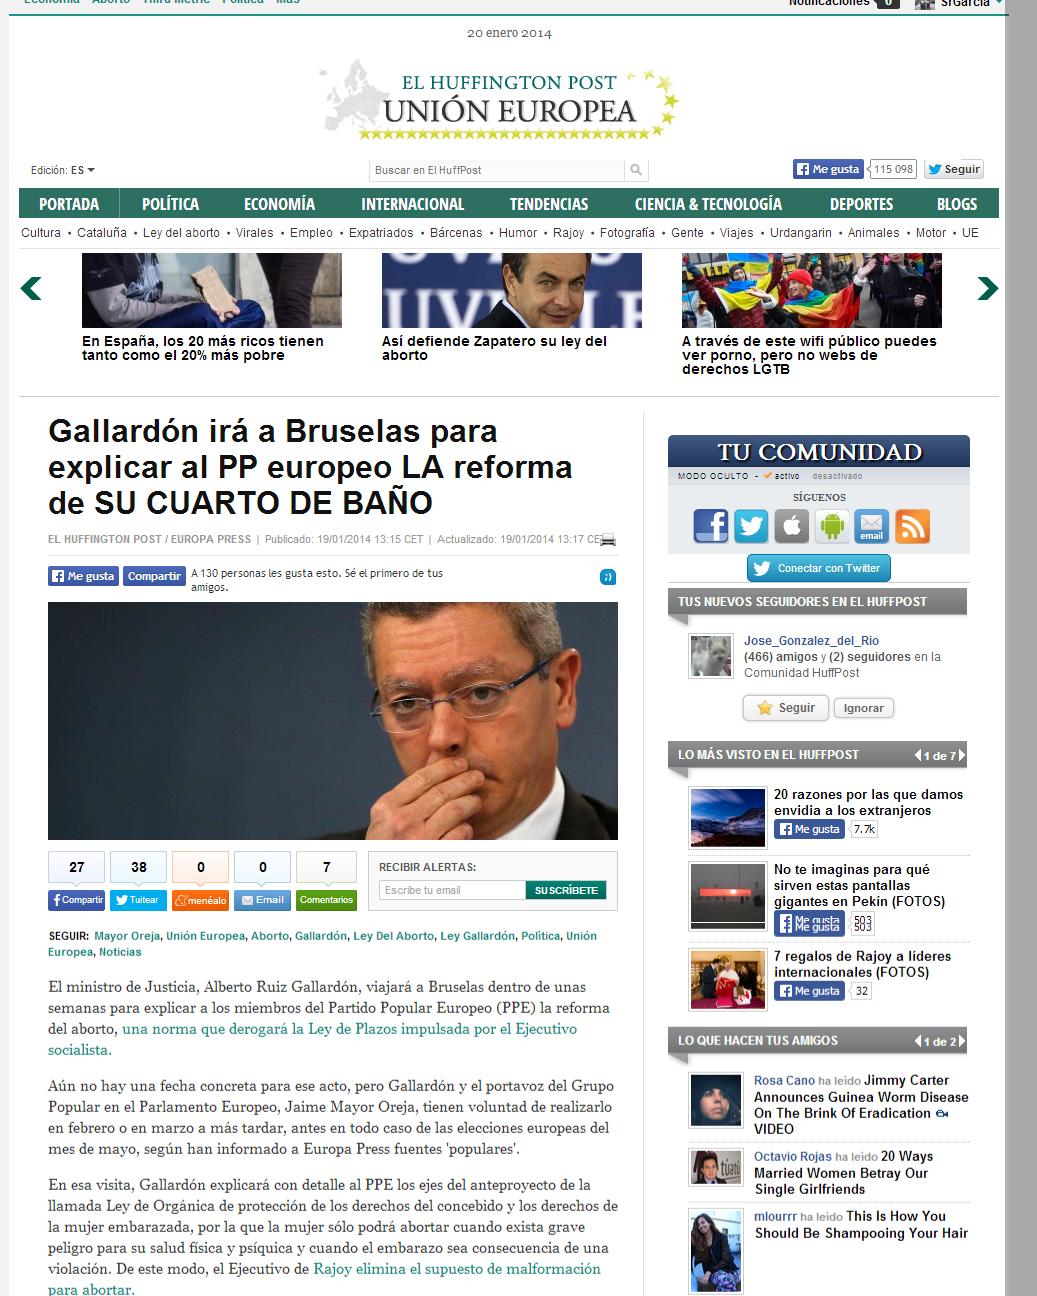 Gallardón irá a Bruselas para explicar al PP europeo su reforma del aborto